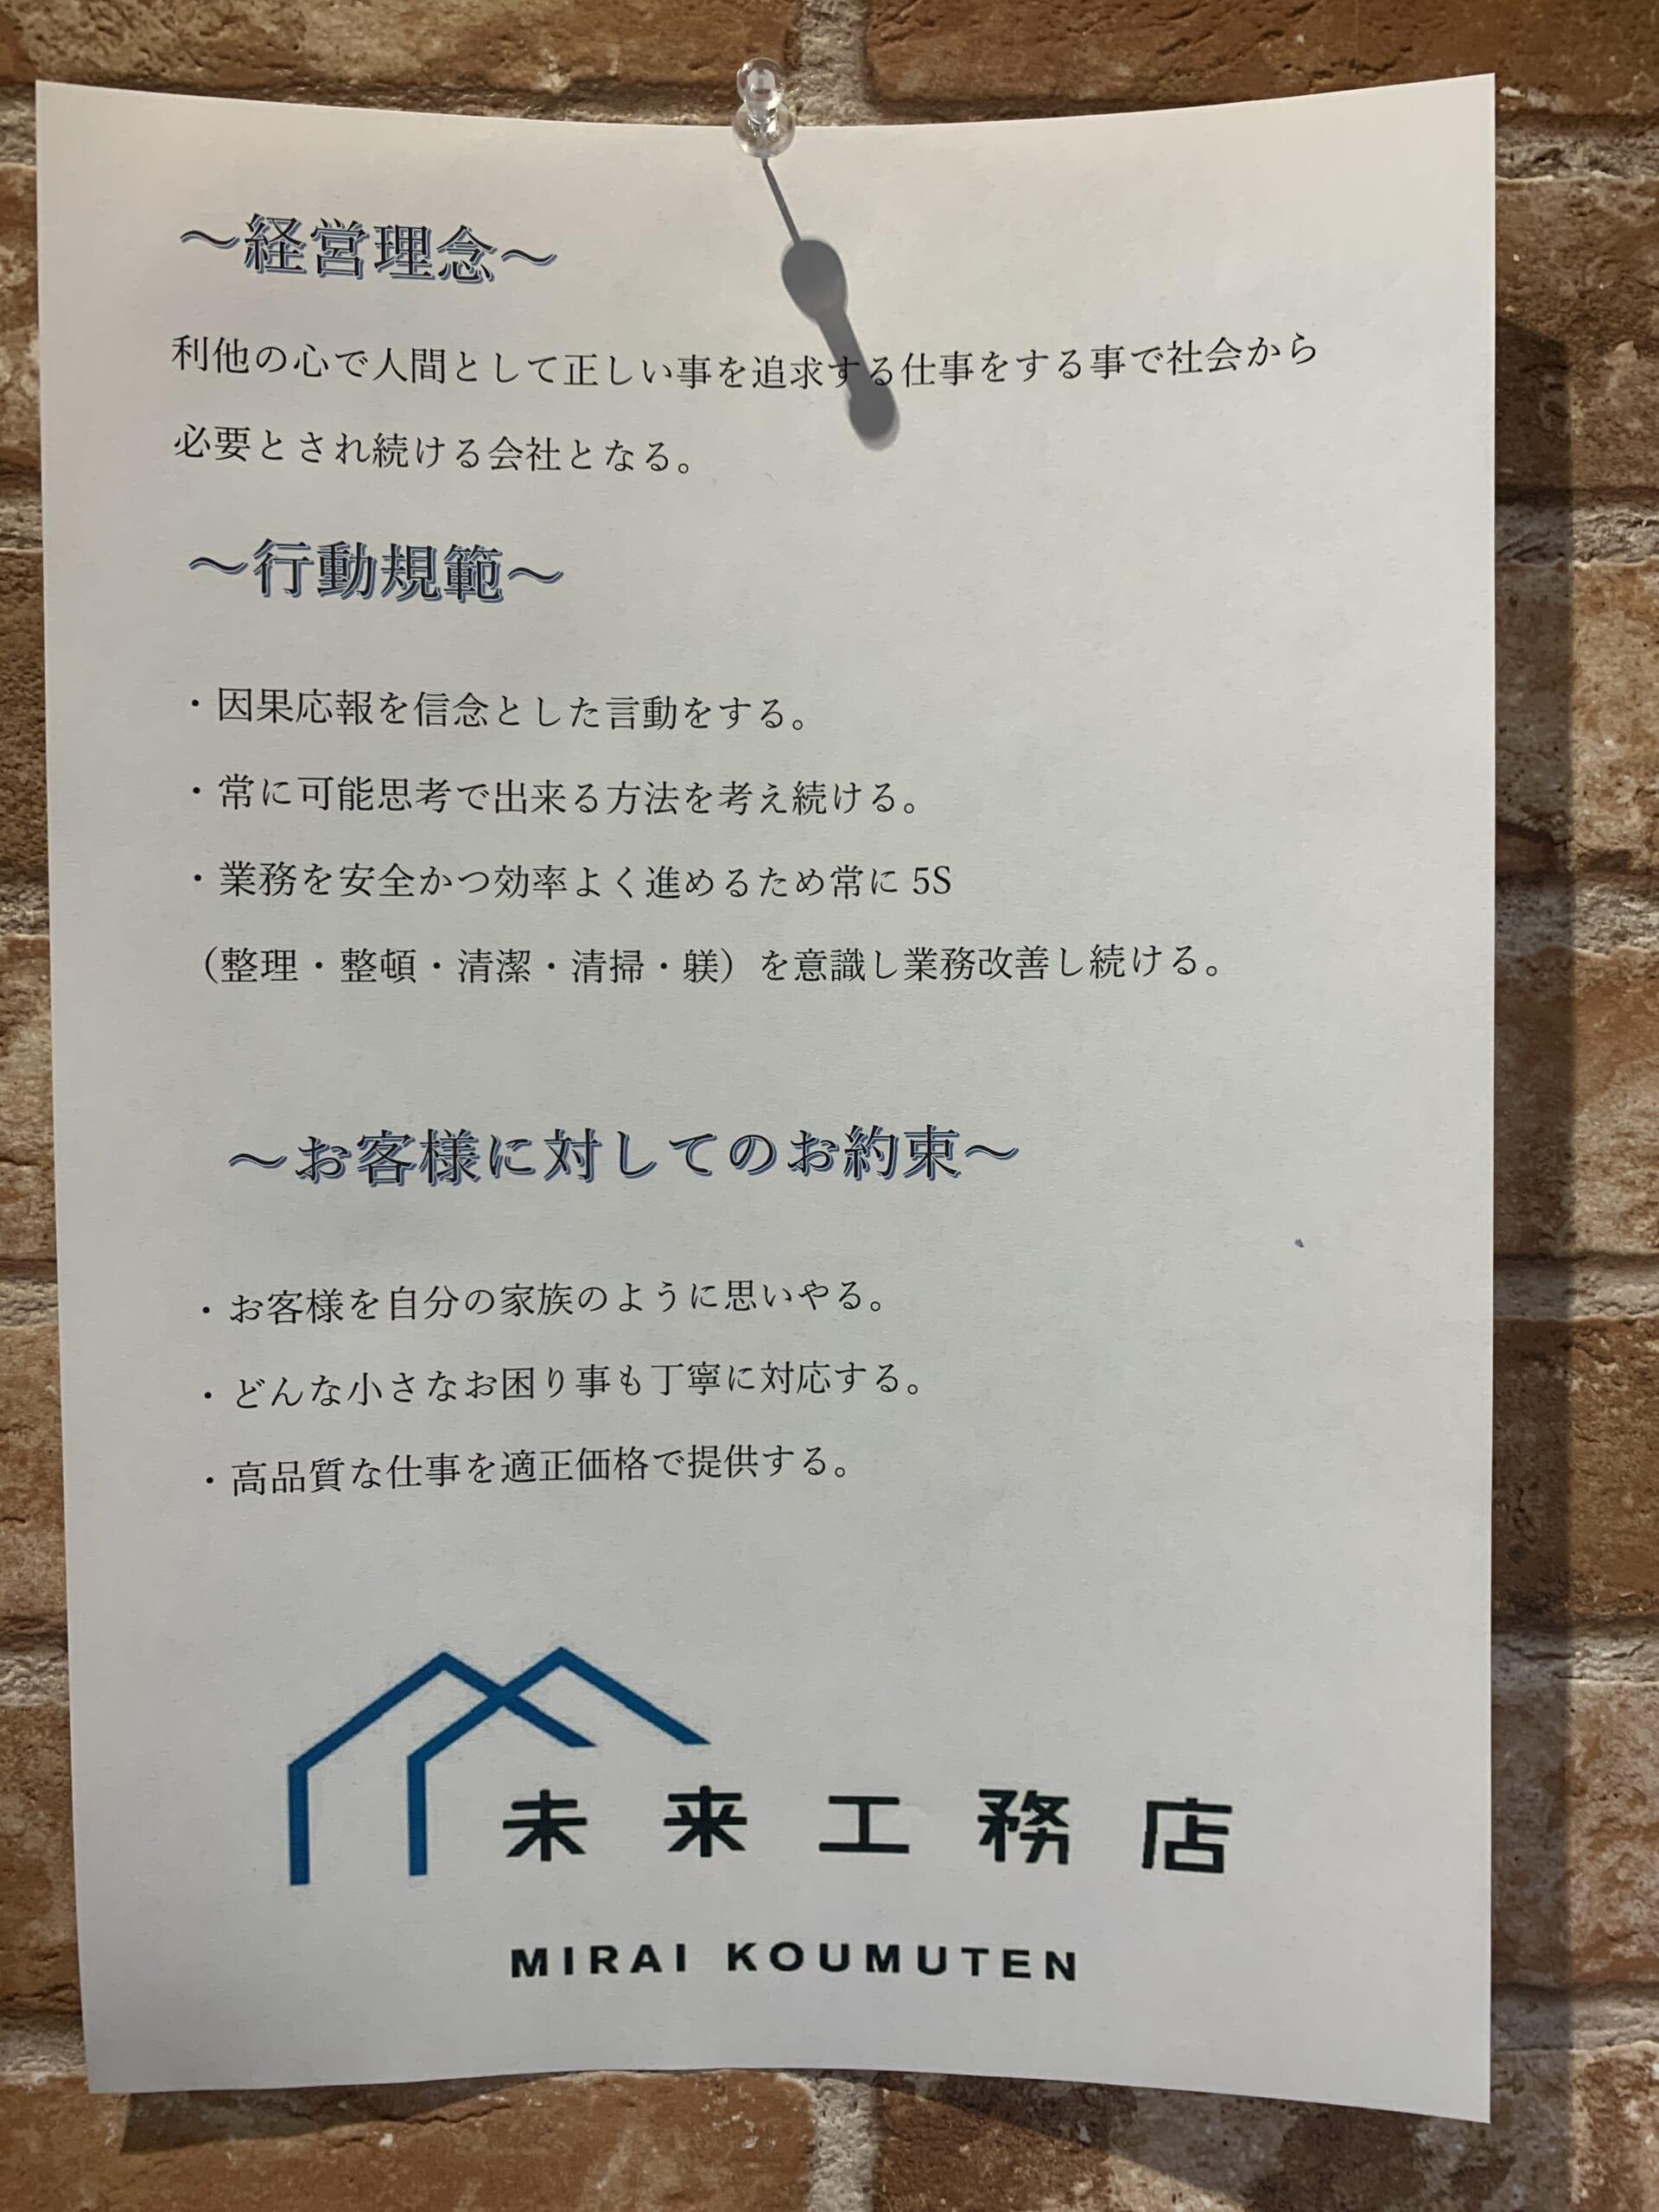 未来工務店 経営理念・行動規範